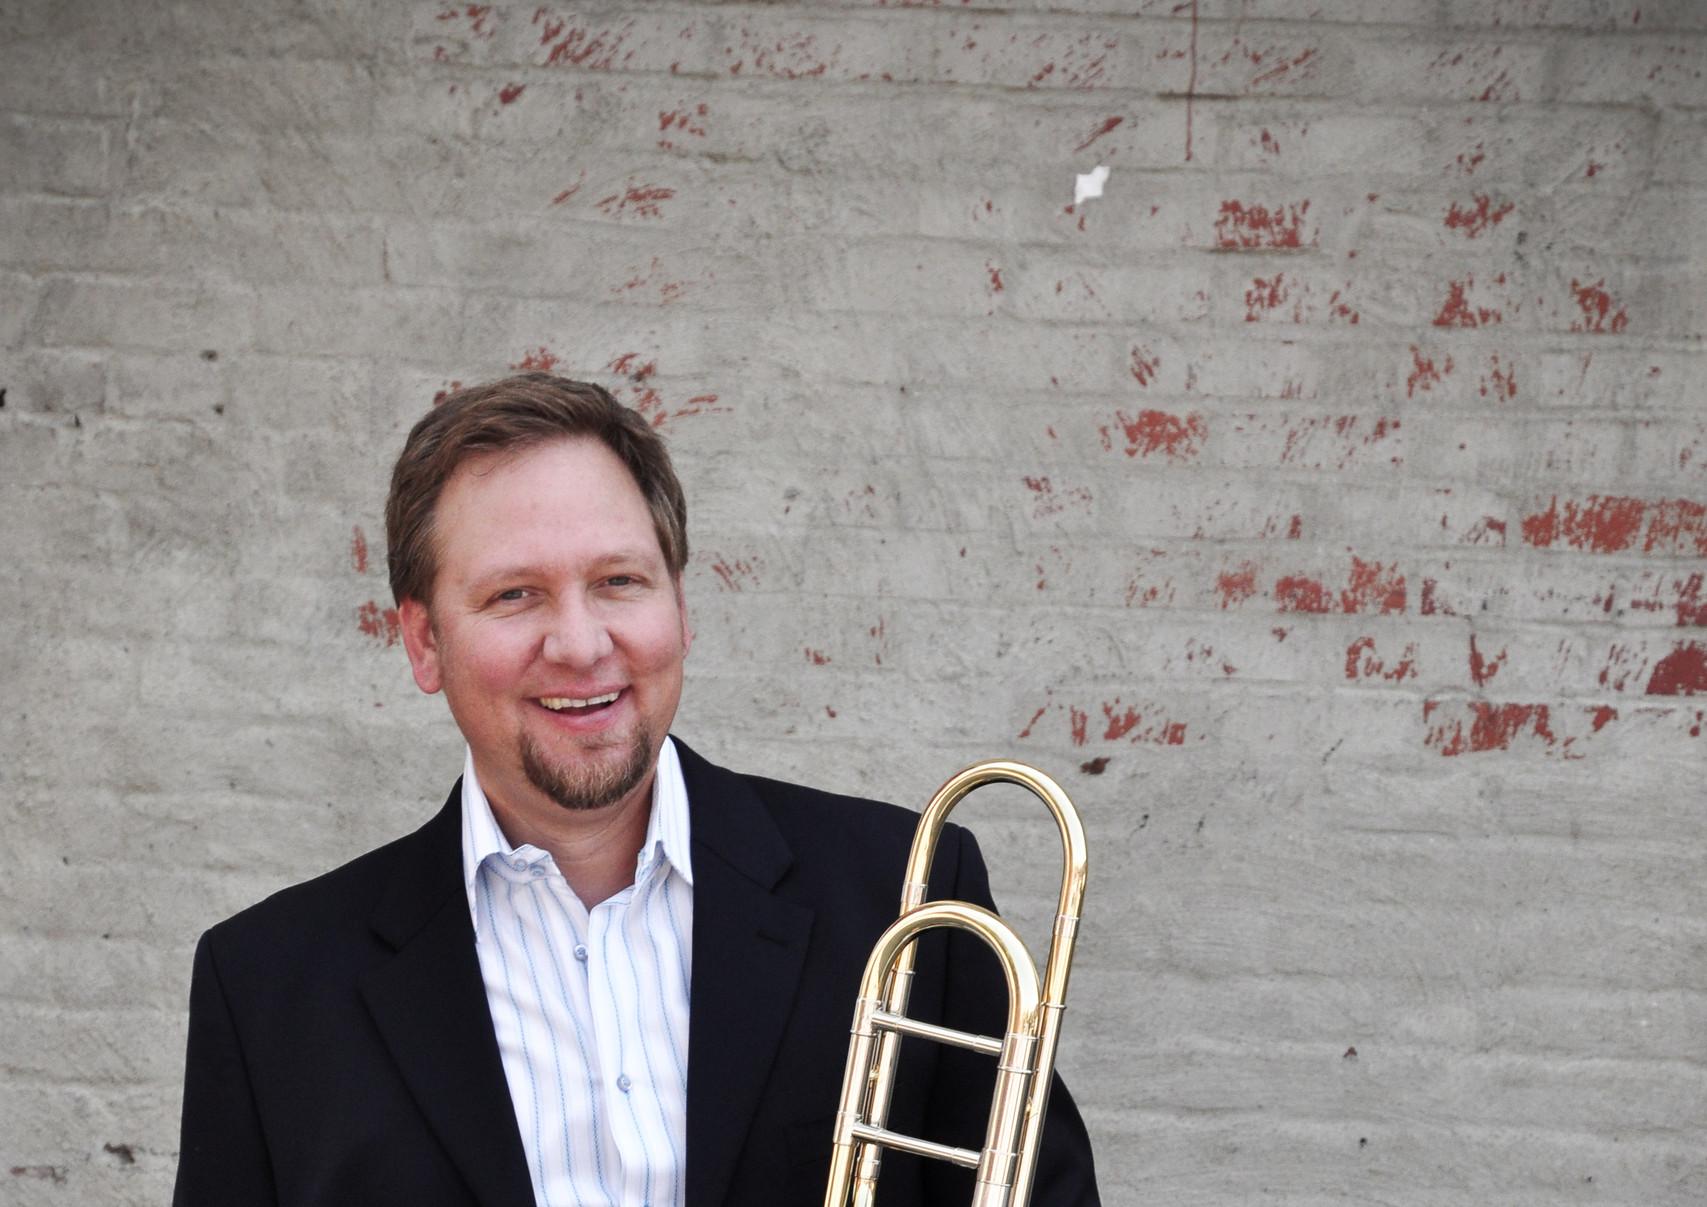 Chris Buckholz